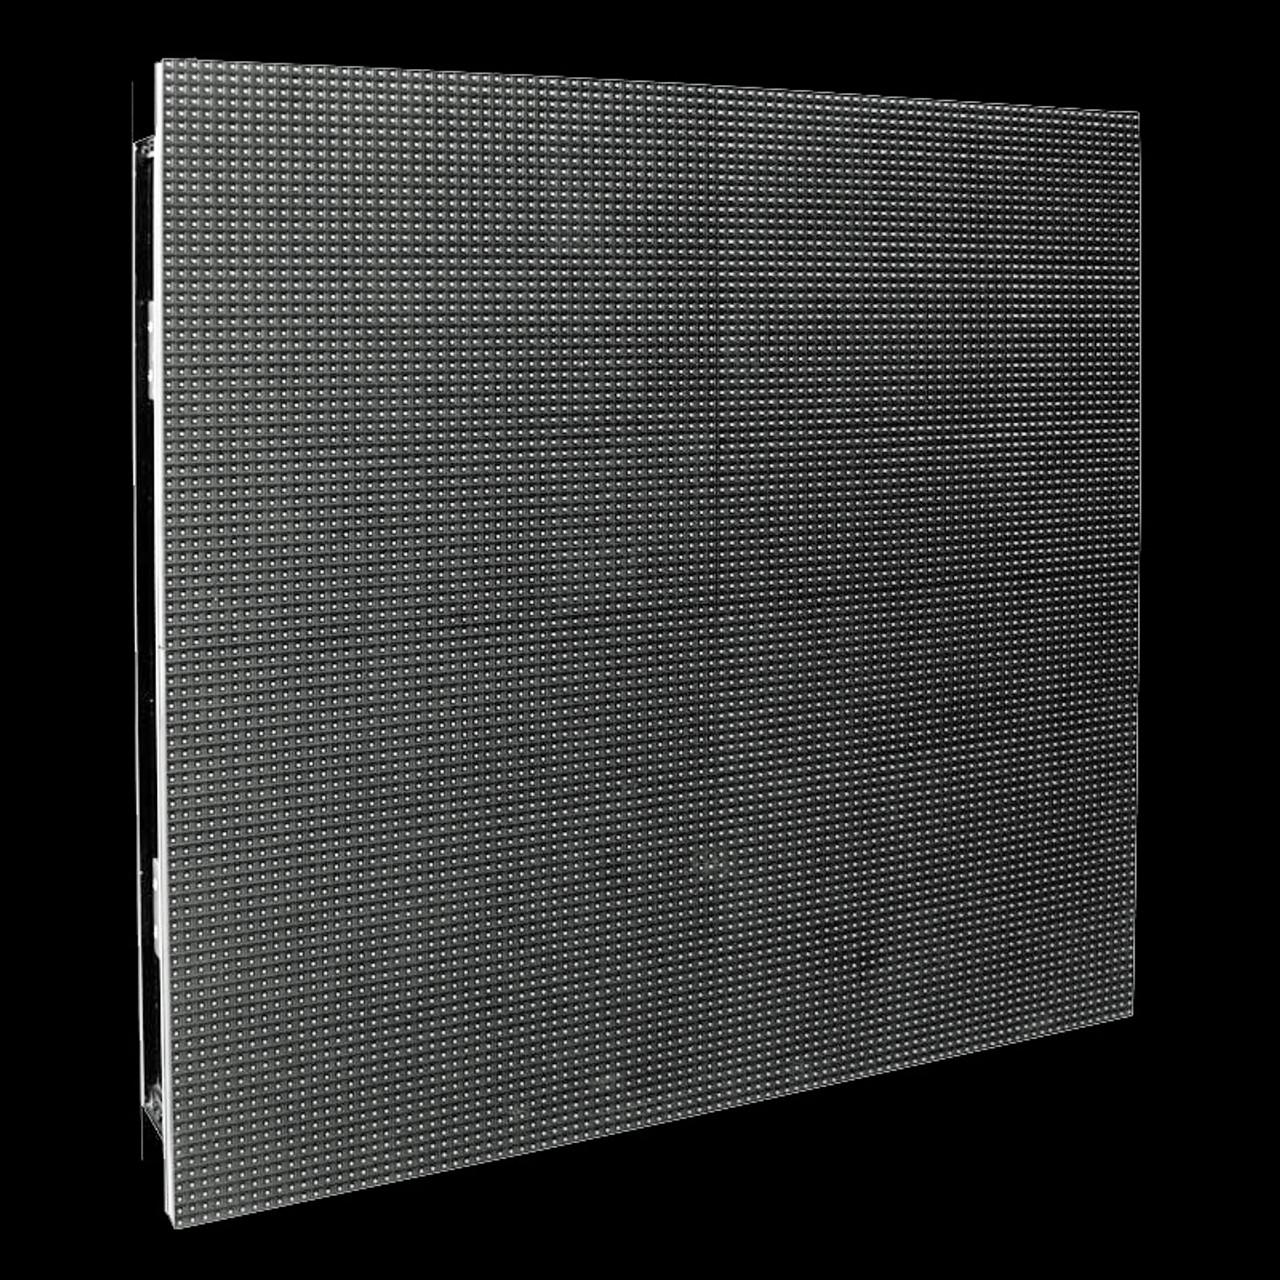 ADJ AV6XS 6MM LED Video Panel